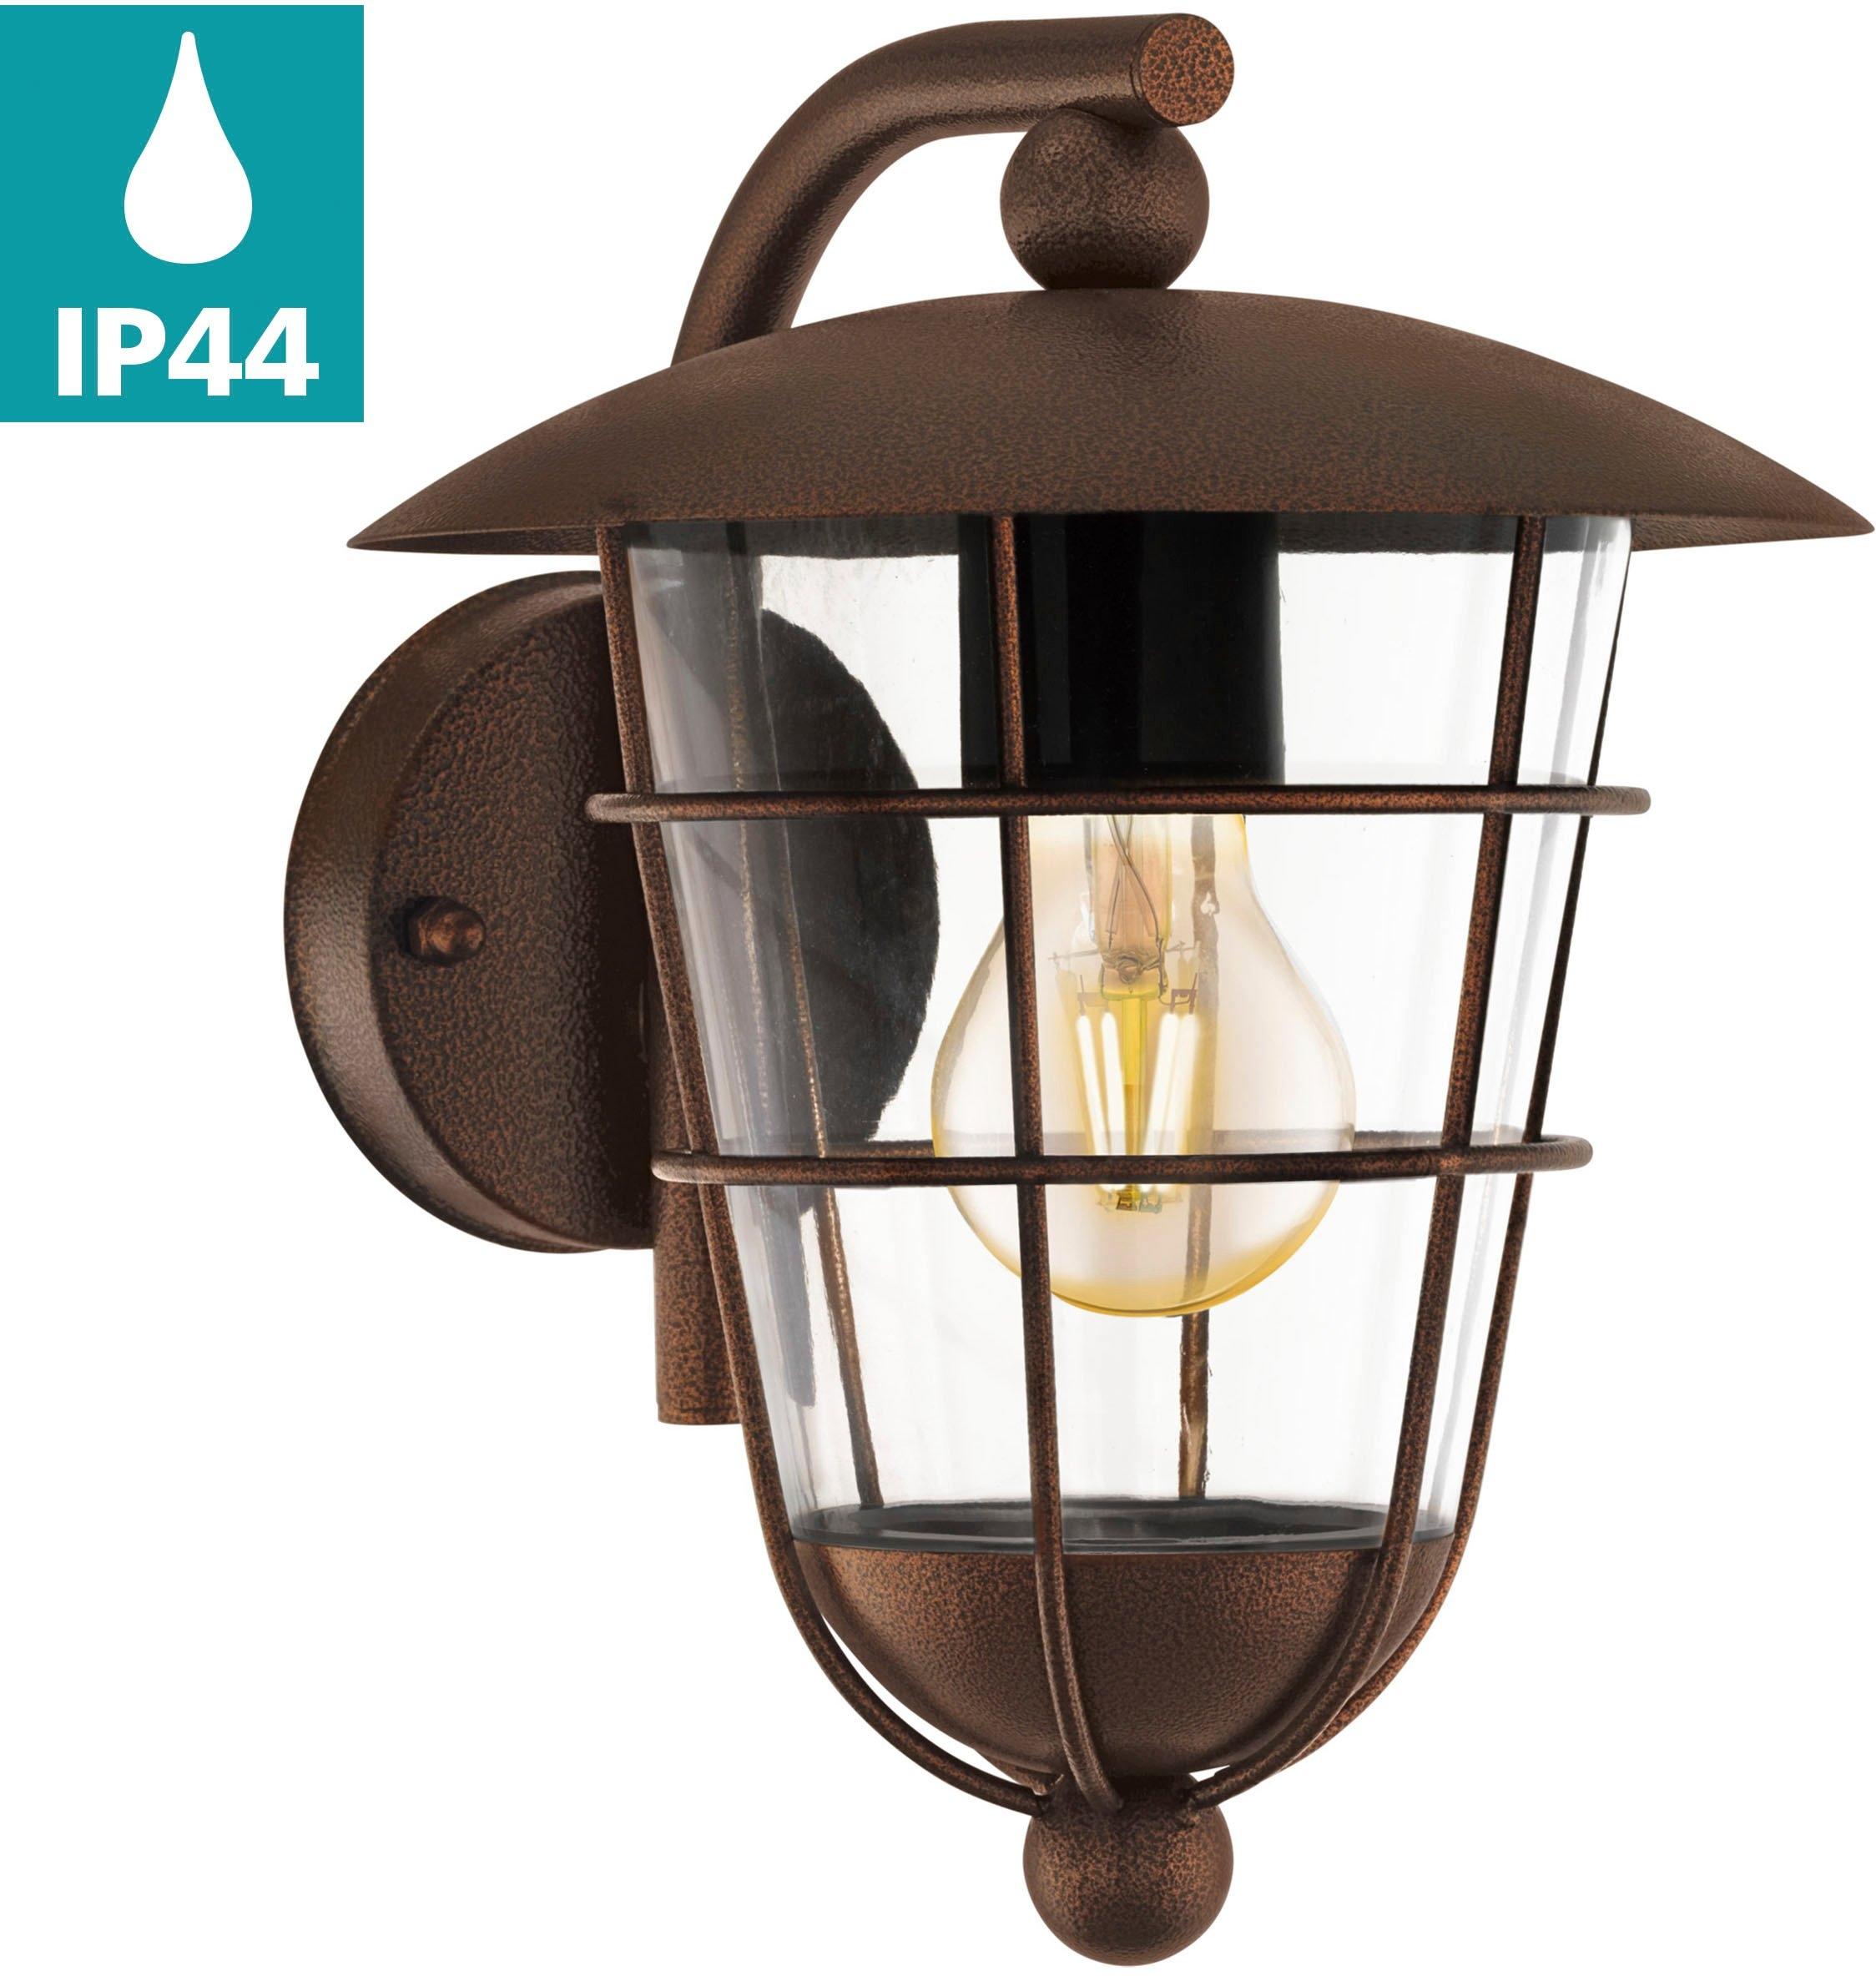 EGLO wandlamp voor buiten PULFERO Hoekmontage mogelijk online kopen op otto.nl